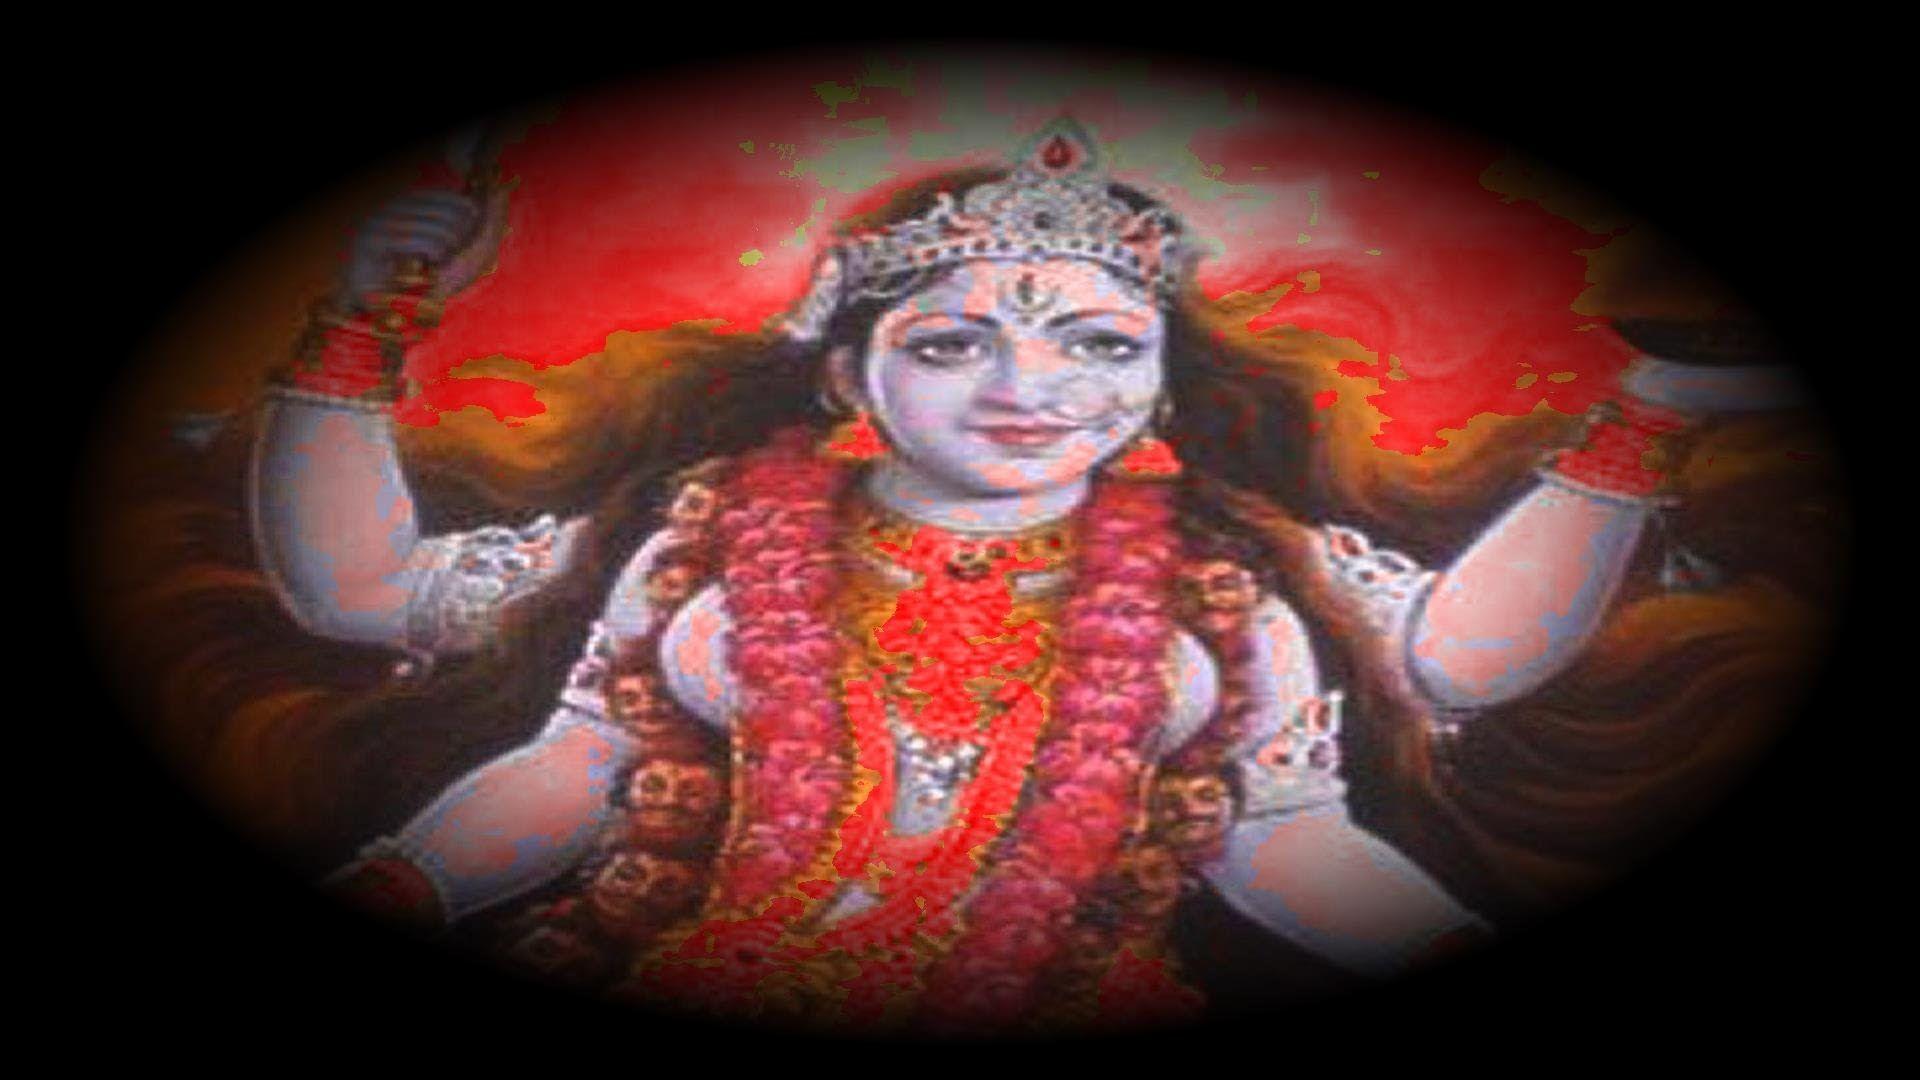 Mantra To Fulfill Any Wish - Mahavidya Kali Mantra